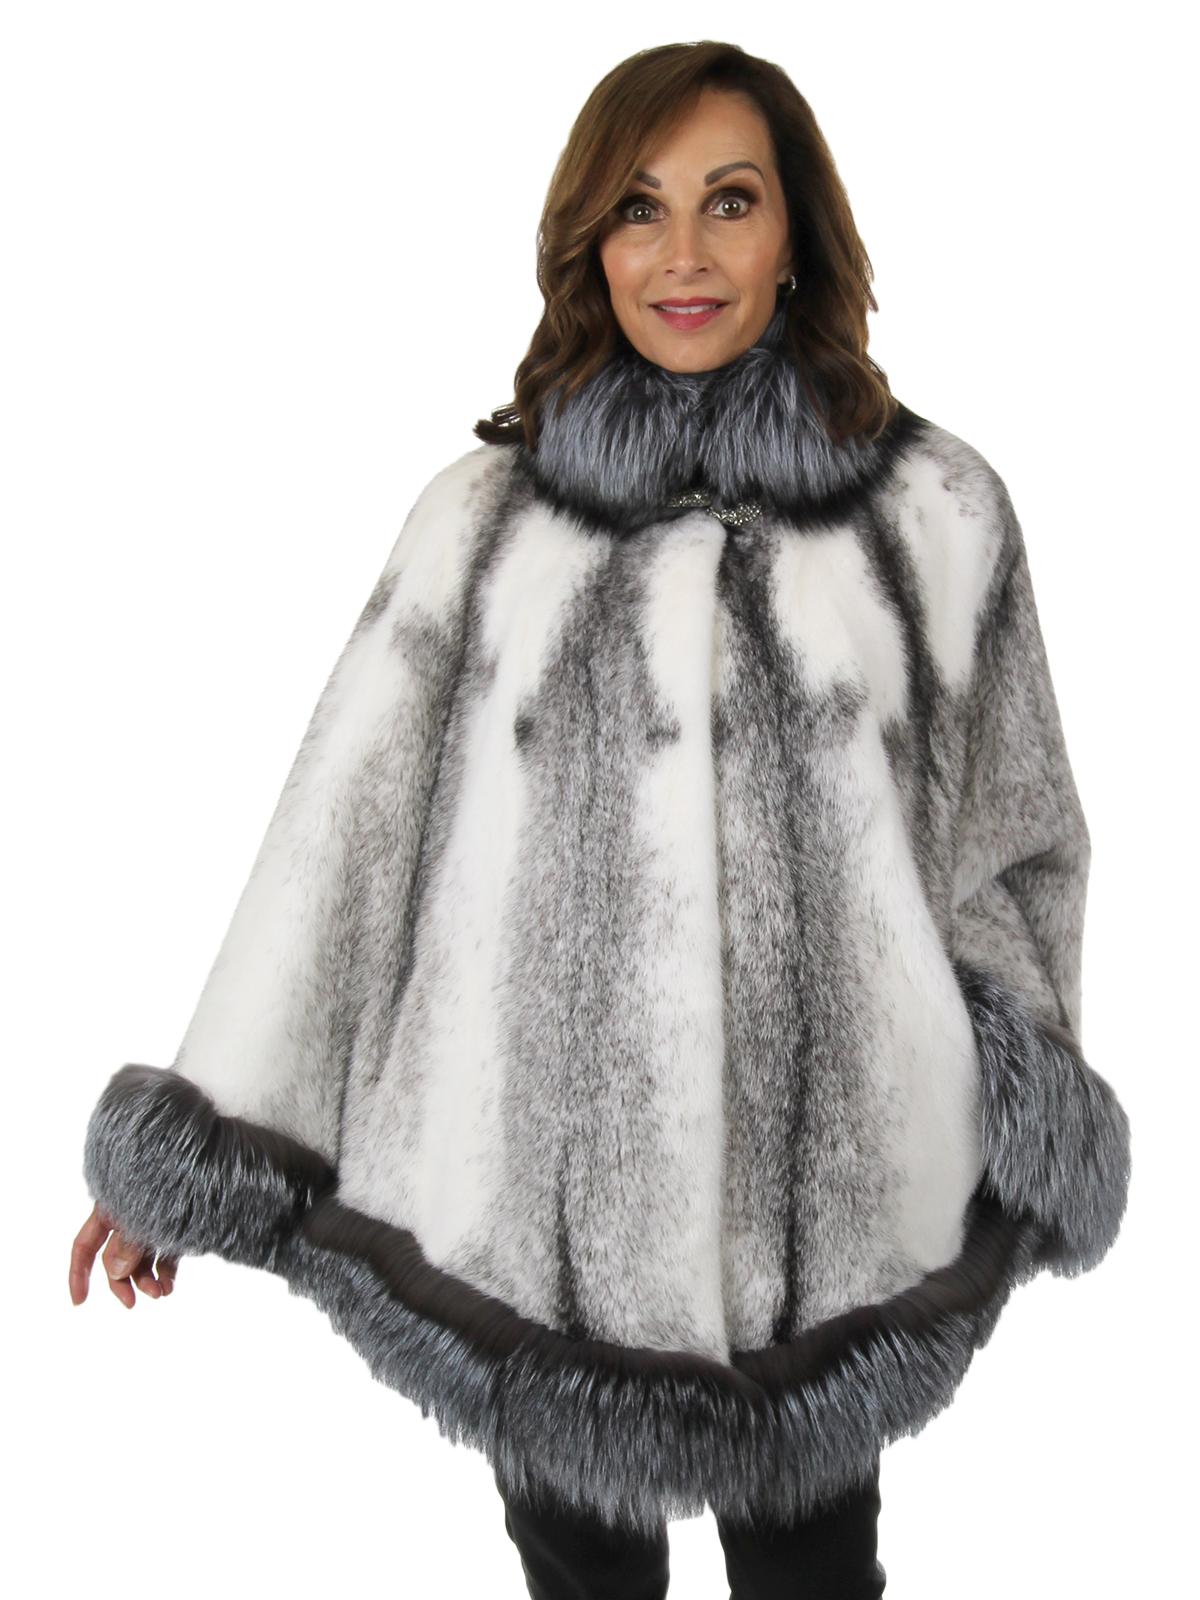 Woman's New Black Cross Mink Fur Cape